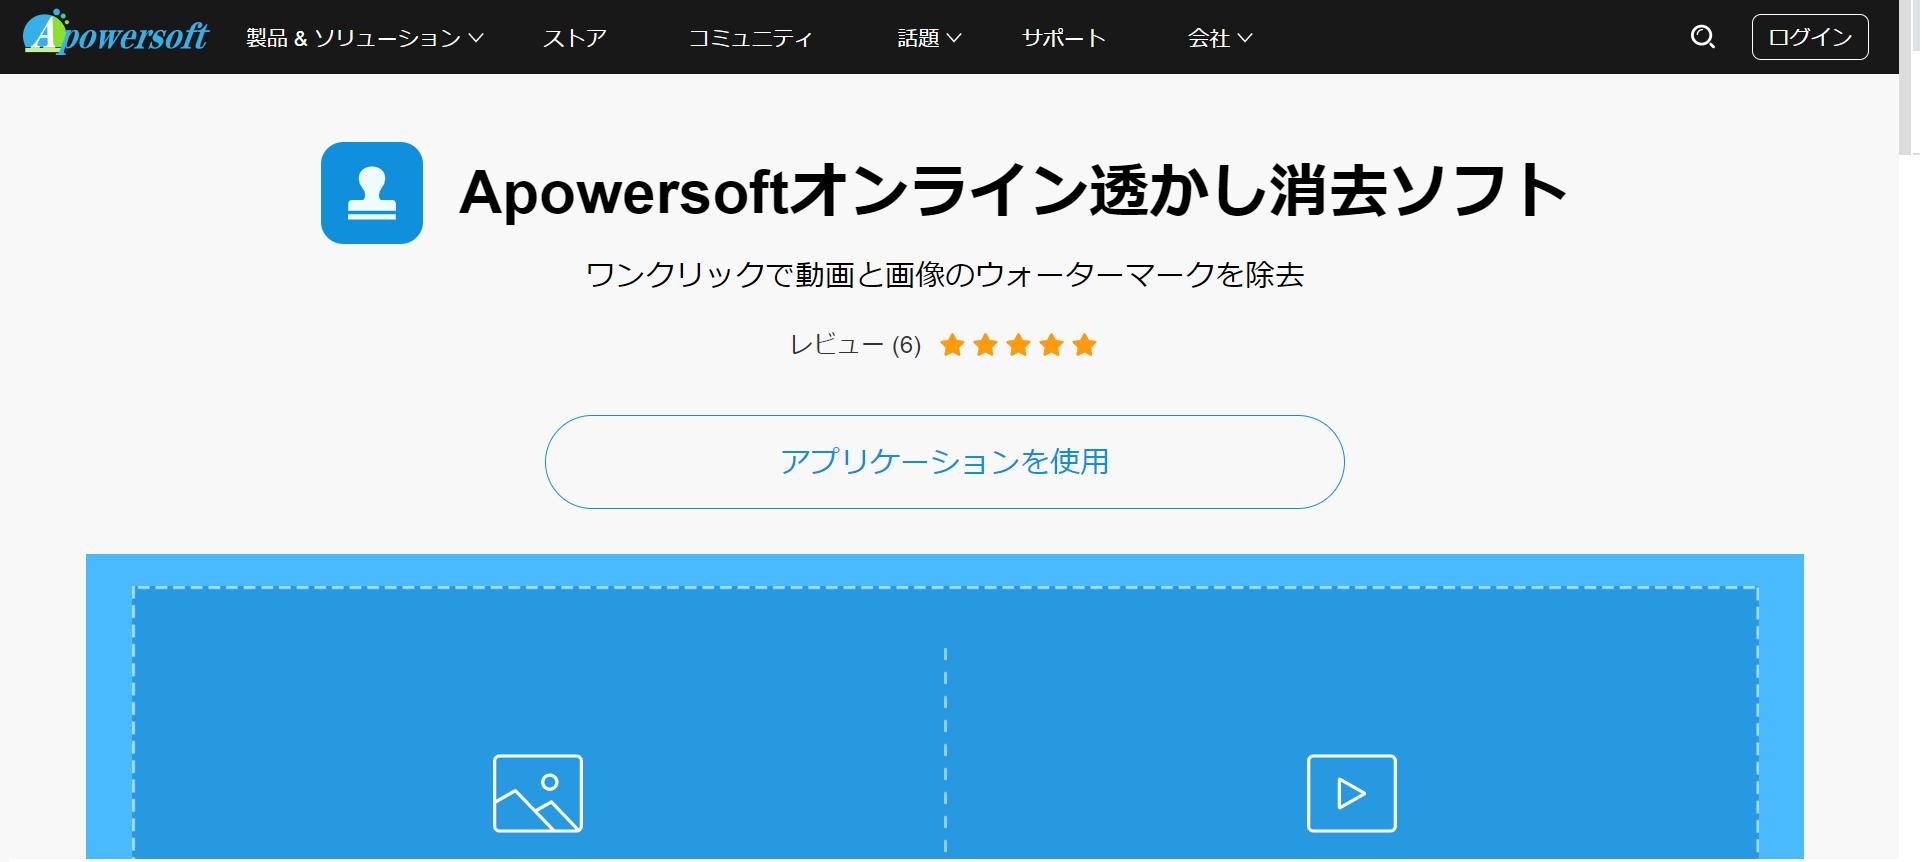 オンライン透かしソフト